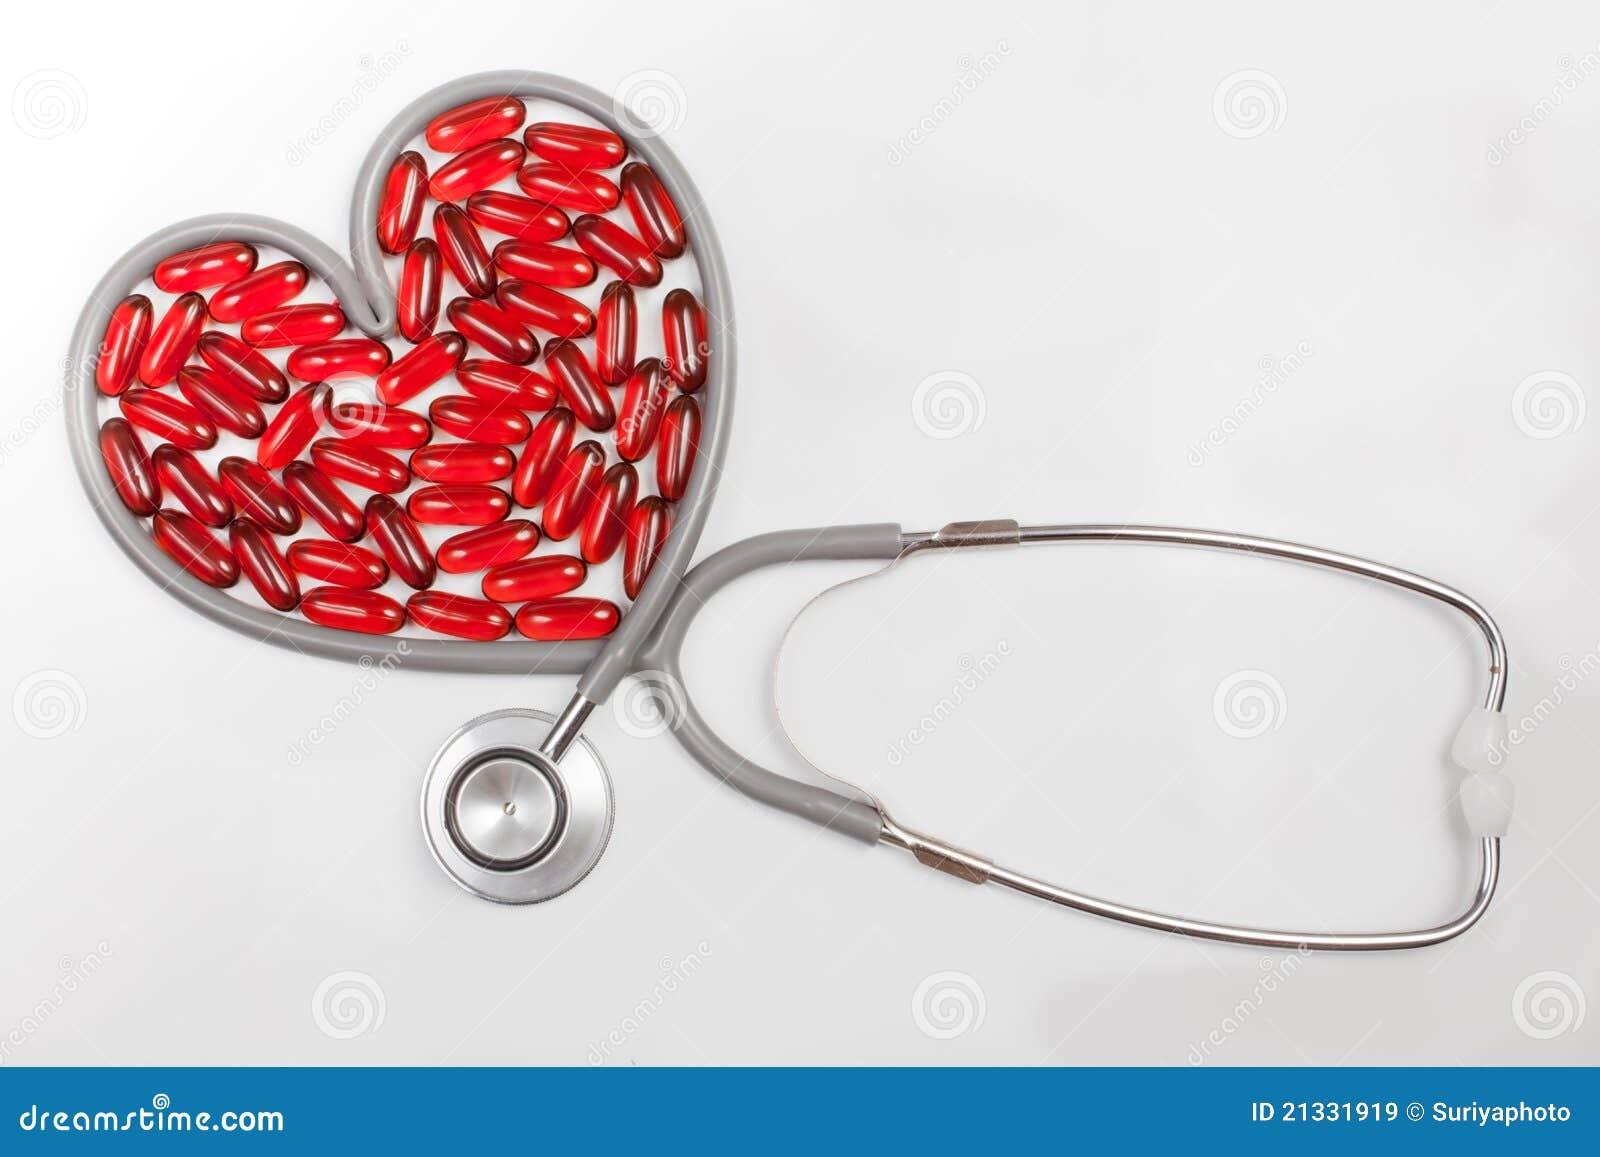 Estetoscopio Aislado Con En Forma De Corazón Rojo